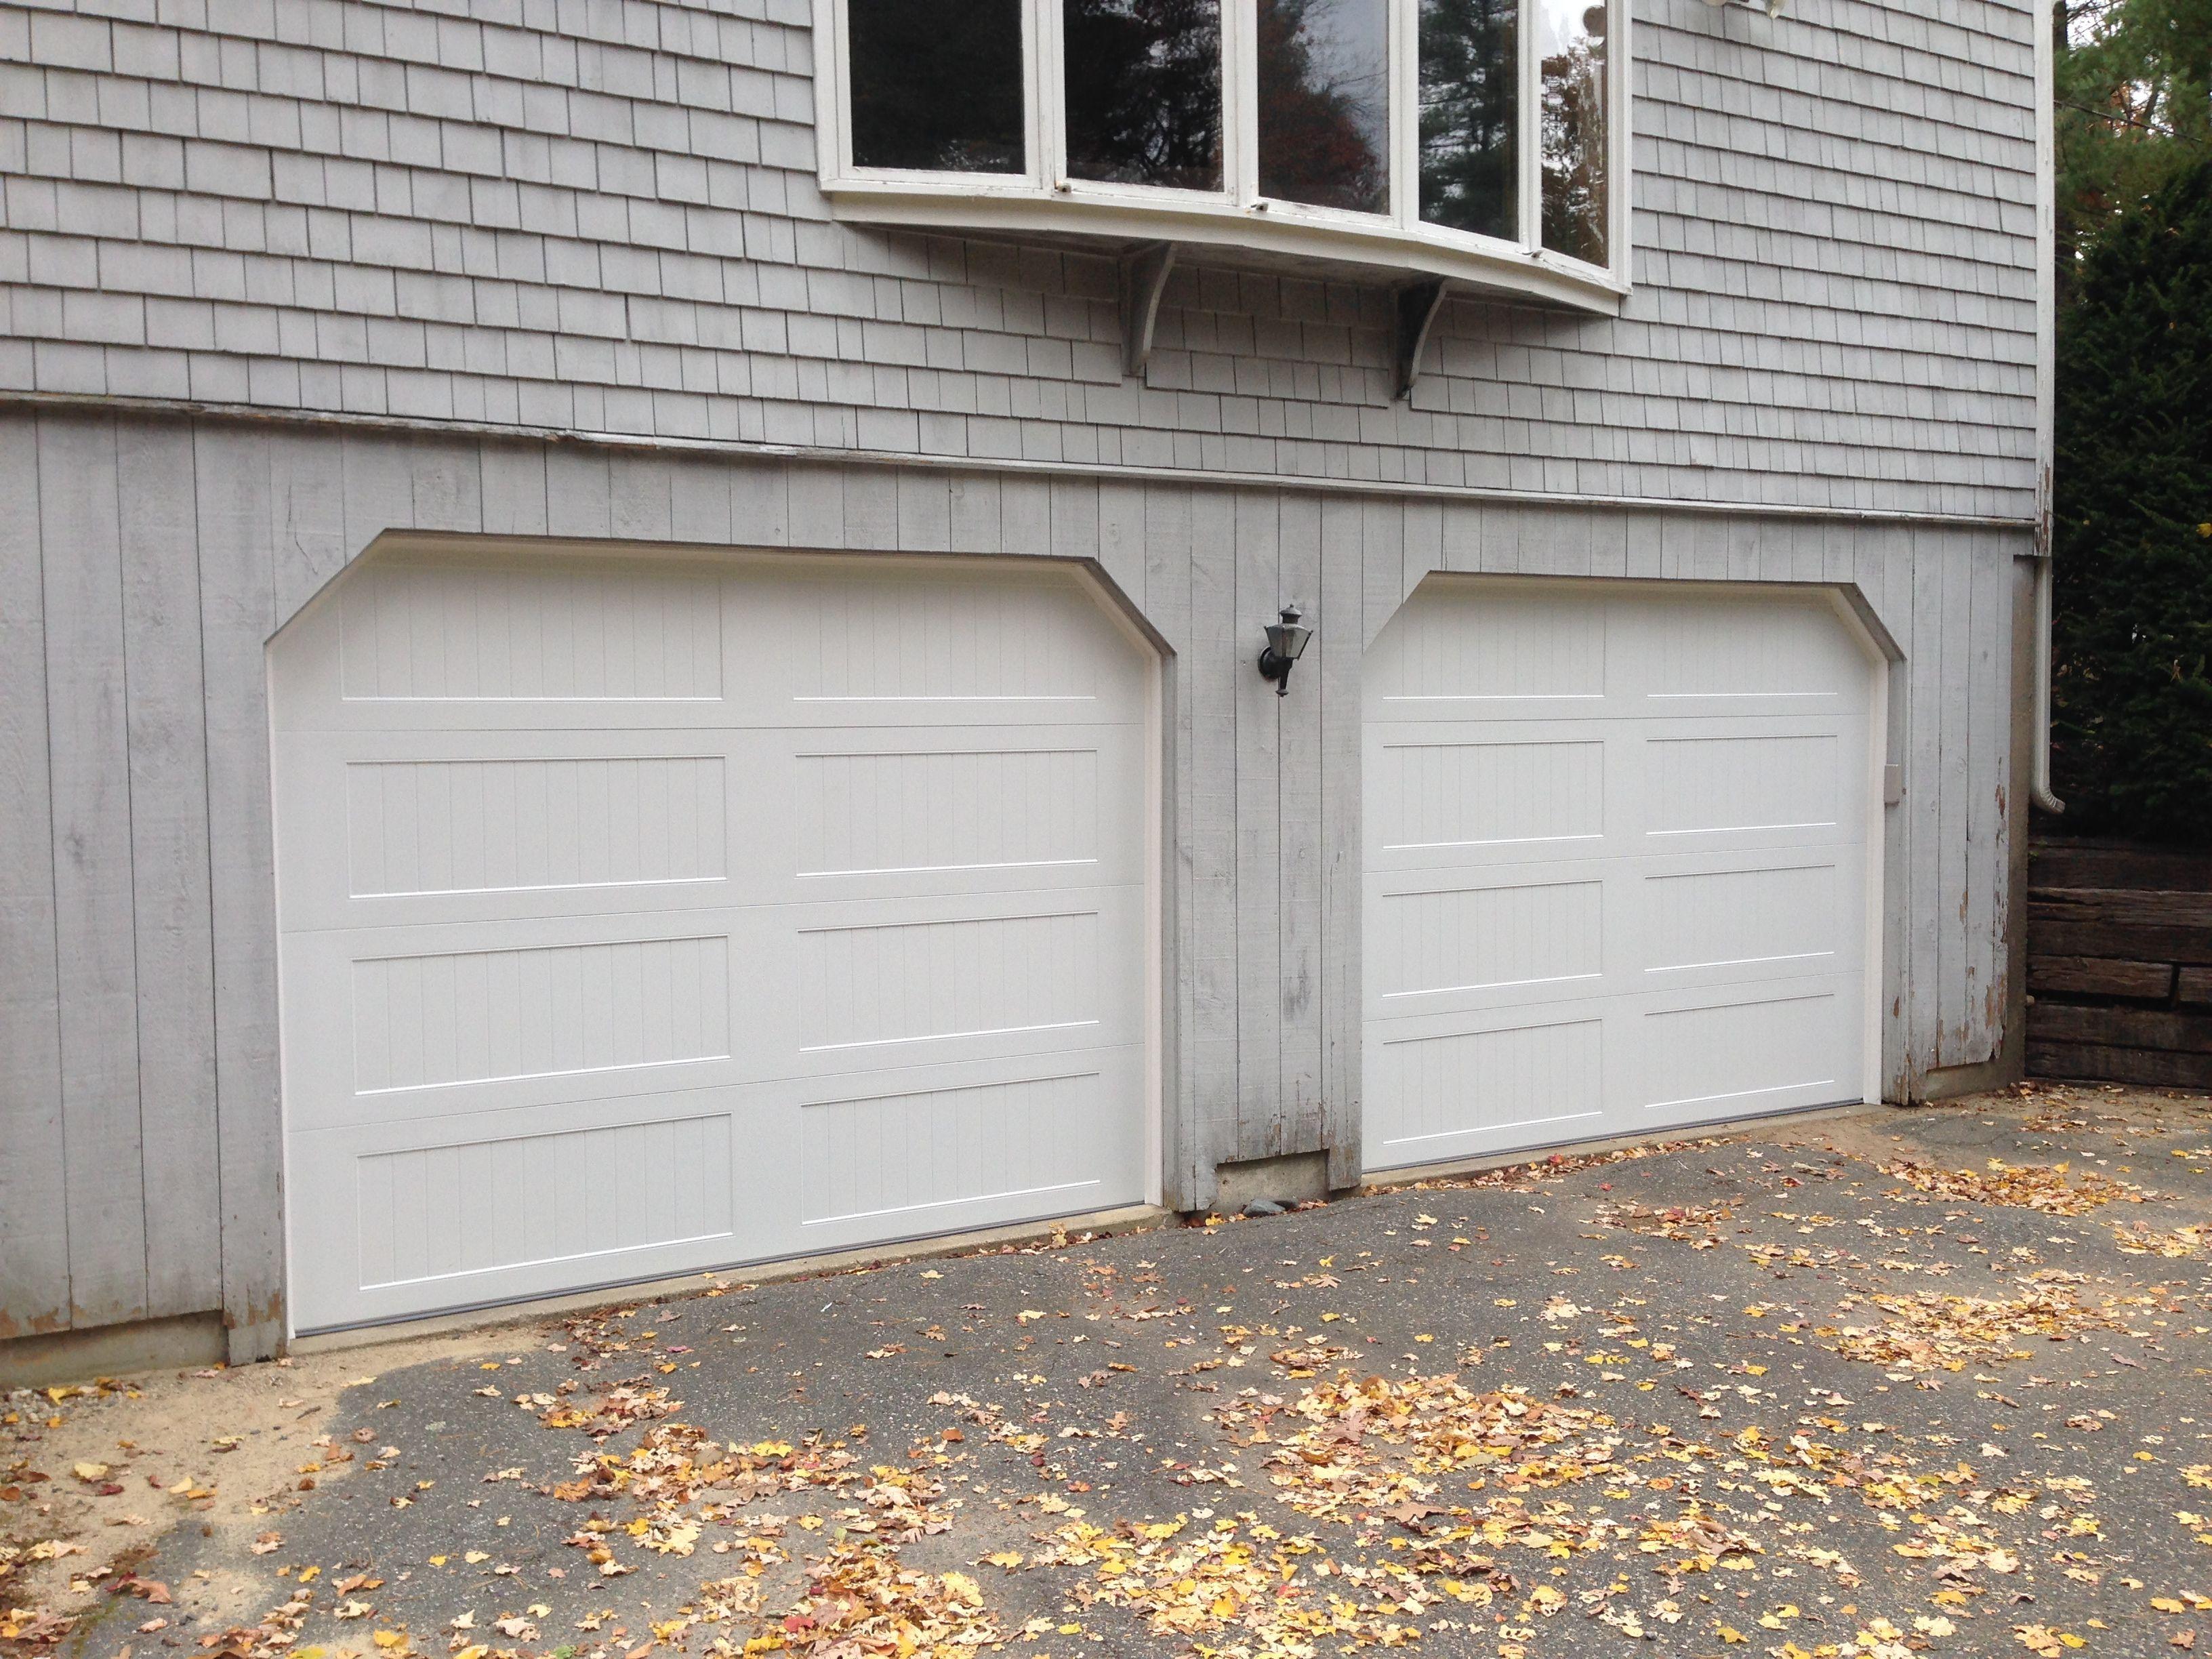 C H I Overhead Doors Model 5916 Long Panel Steel Carriage House Garage Doors In White In Garage Door House Carriage House Garage Carriage House Garage Doors